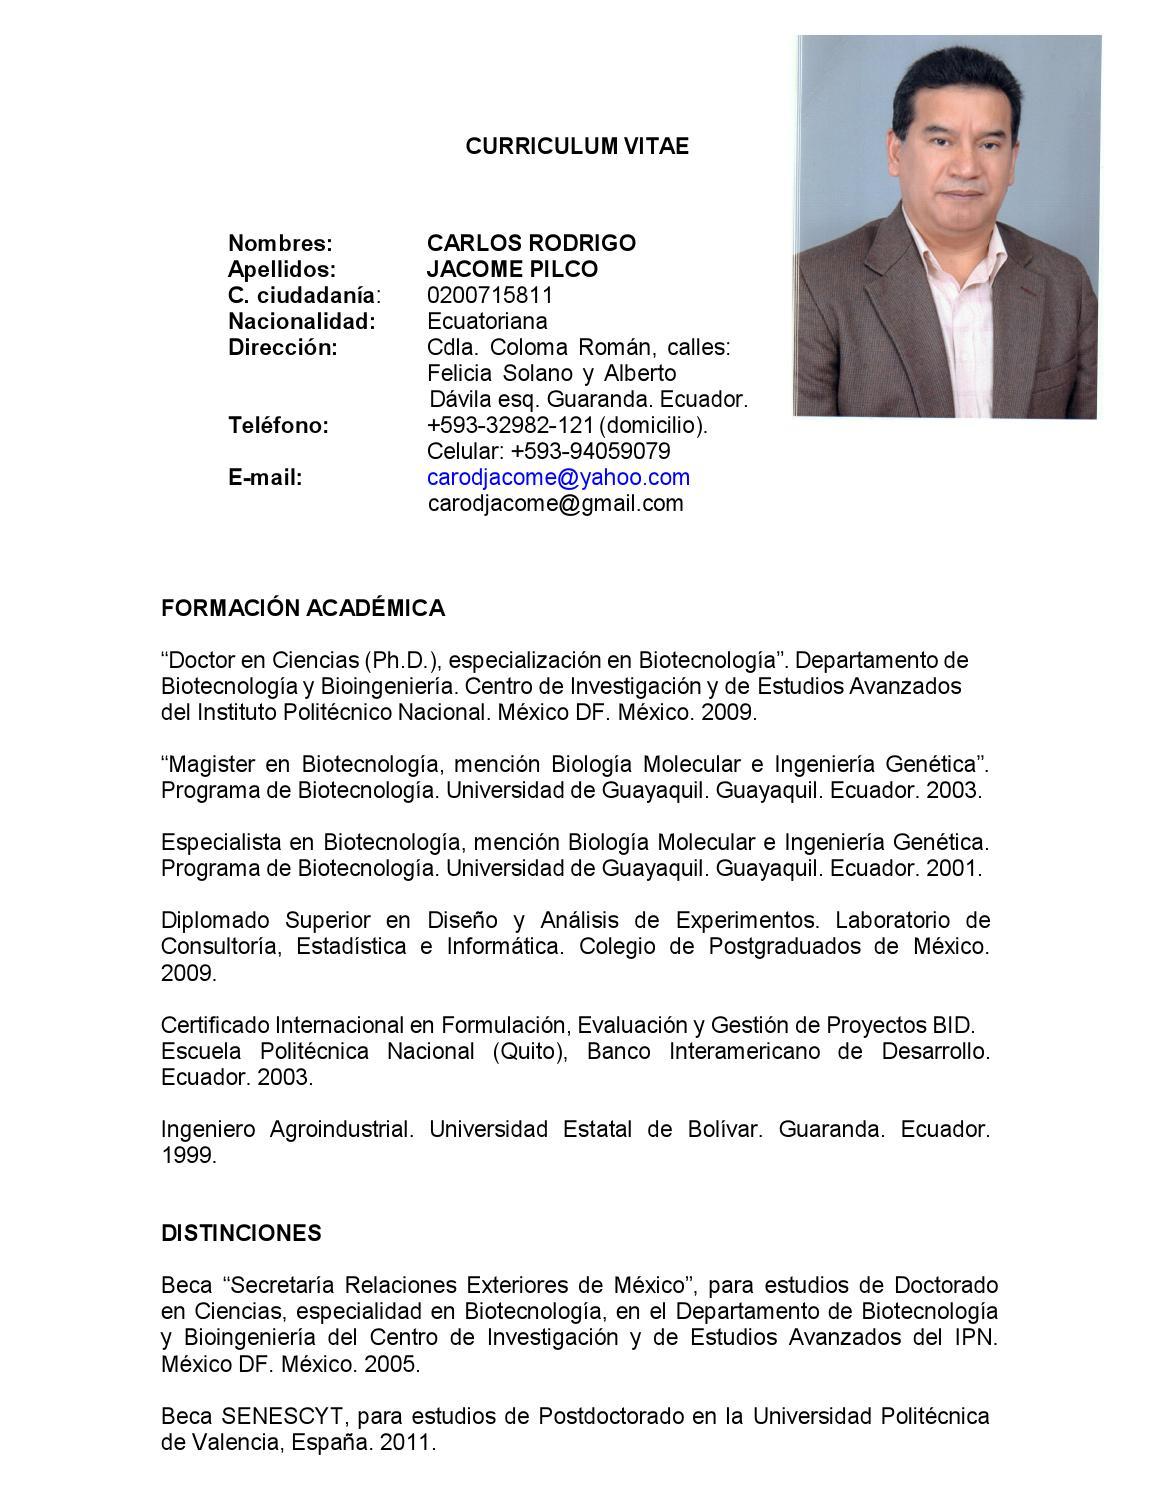 Cv carlos rodrigo jacome pilco ok by Consejo Eduacación Superior ...